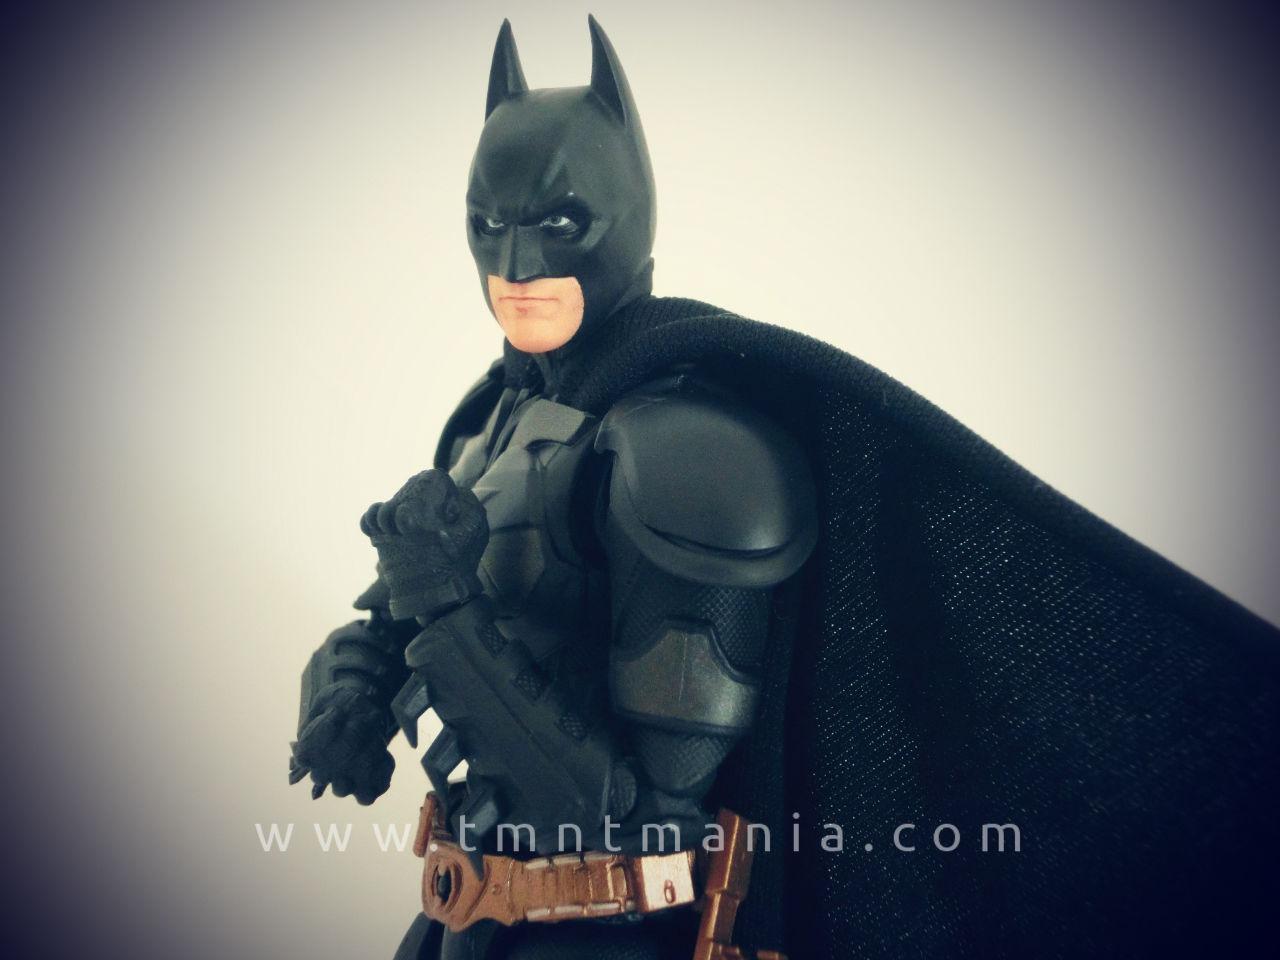 SH Figuarts Batman articulación brazo